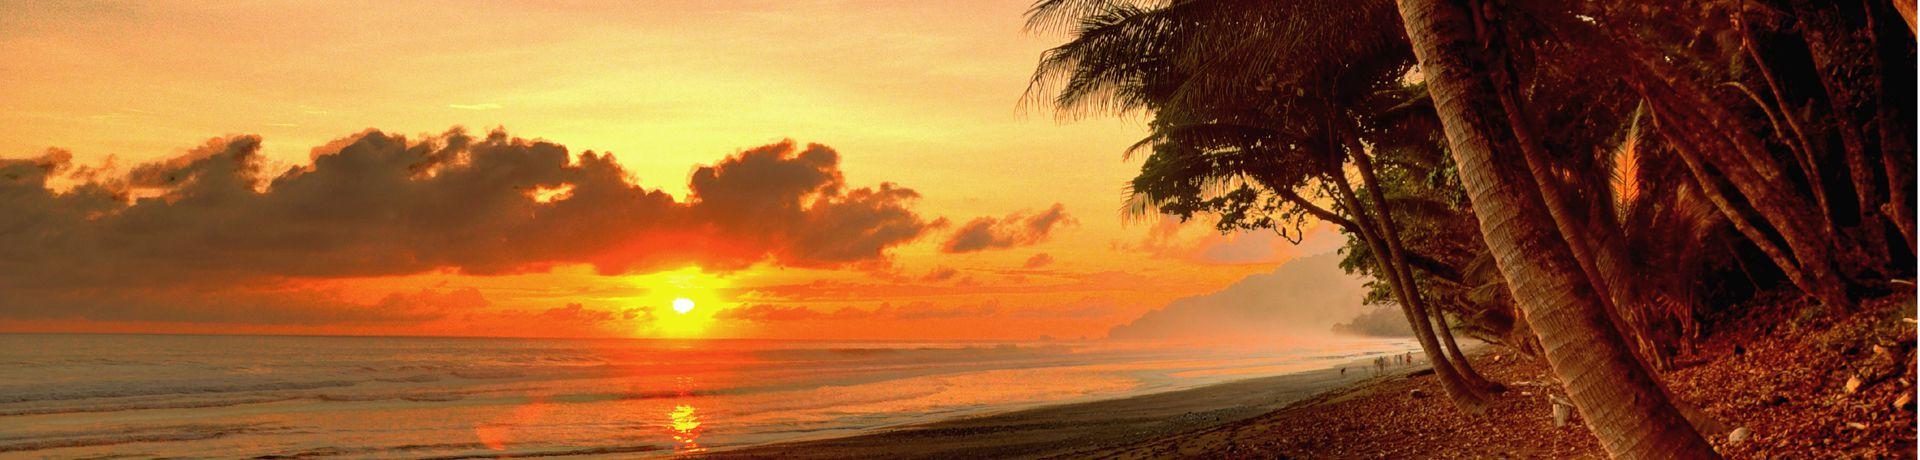 Supertrips - Costa Rica